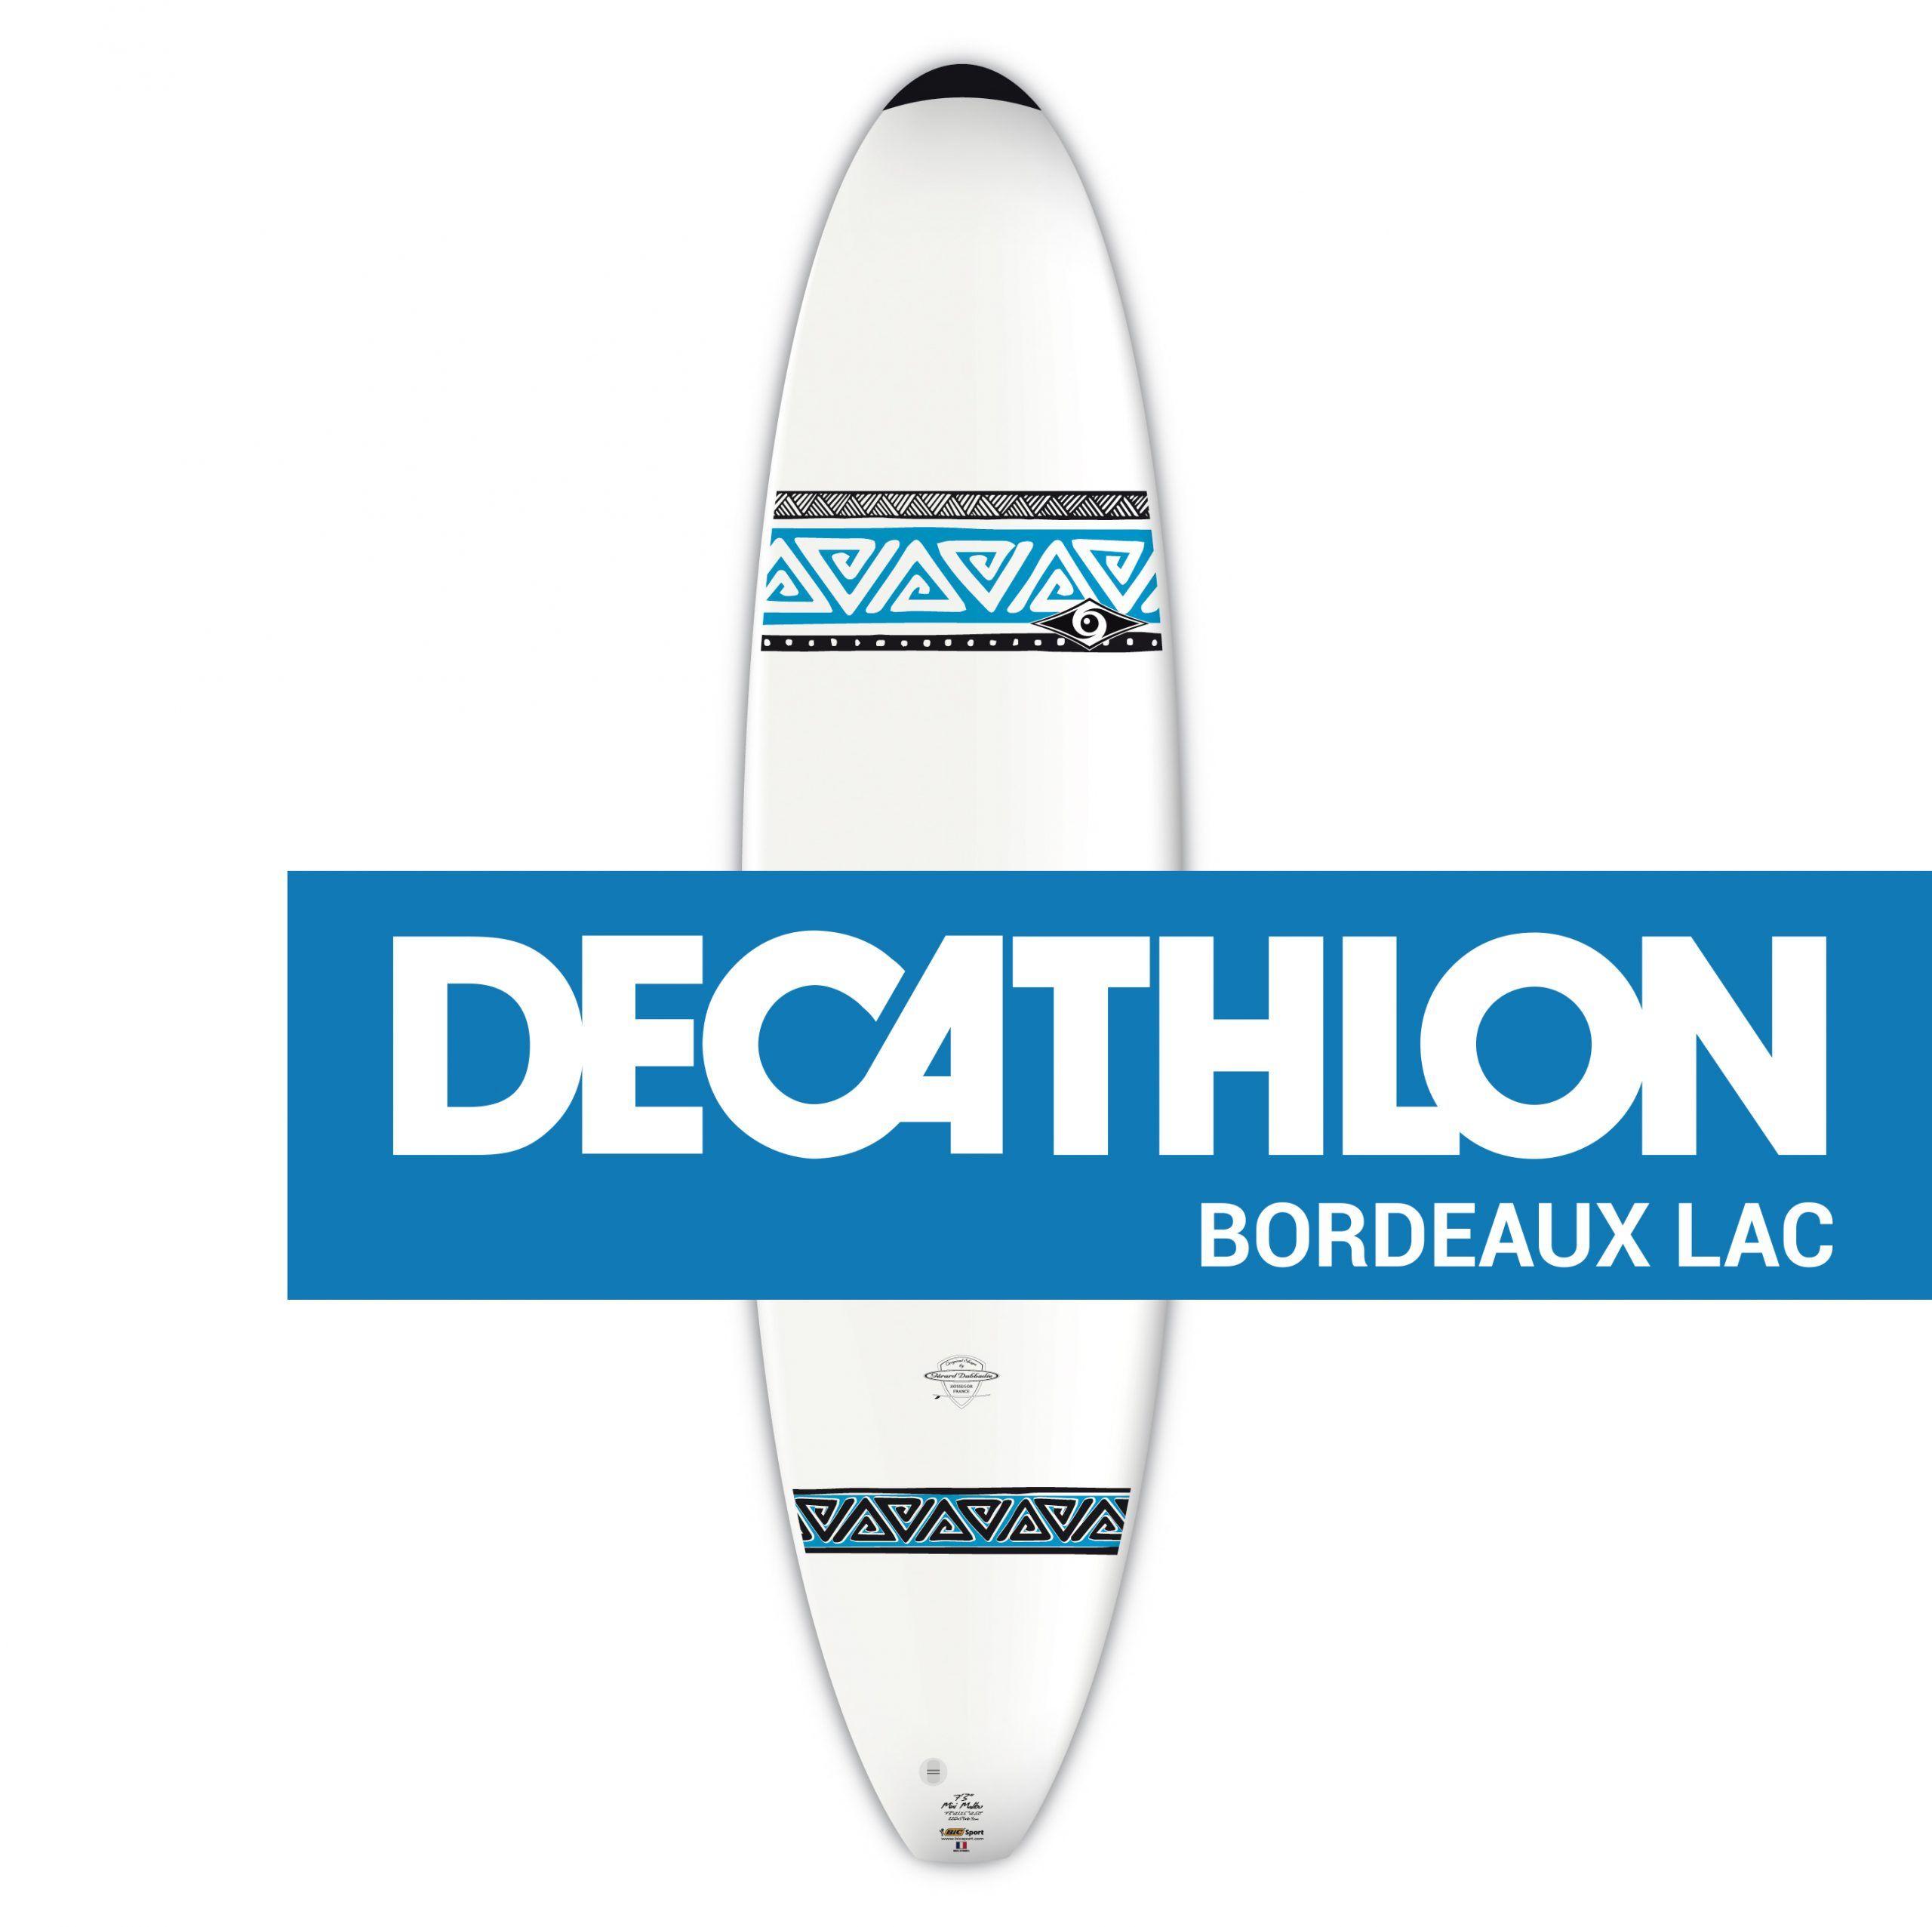 Decathlon Bordeaux Lac Location Surf Bic 7 3 En 2020 Avec Images Decathlon Lac Construction